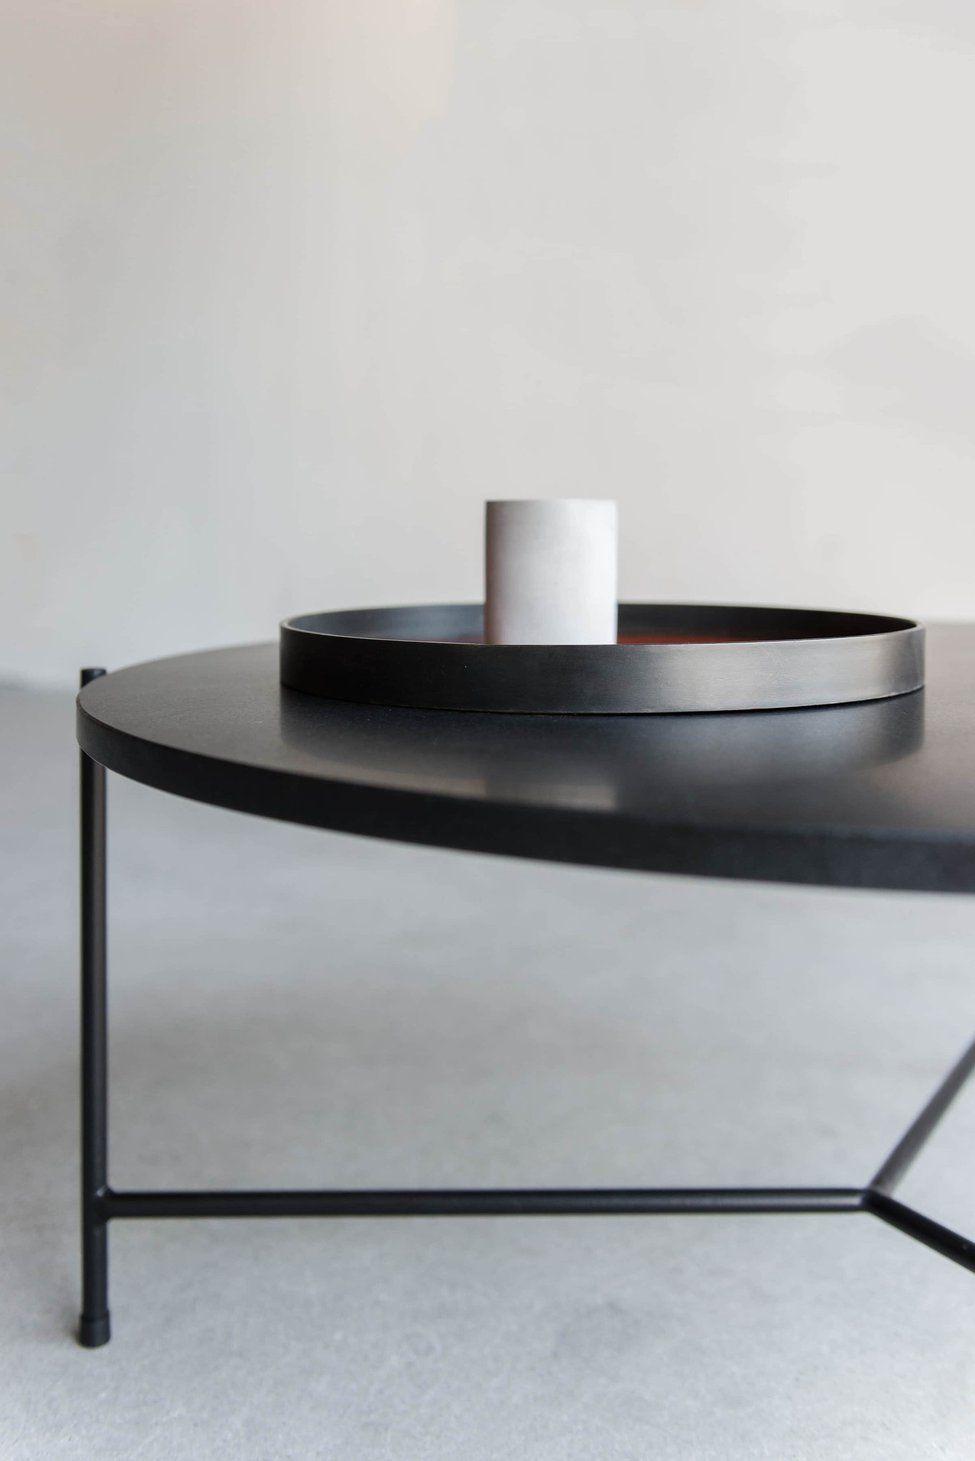 Pin On Coffee Table [ 1461 x 975 Pixel ]